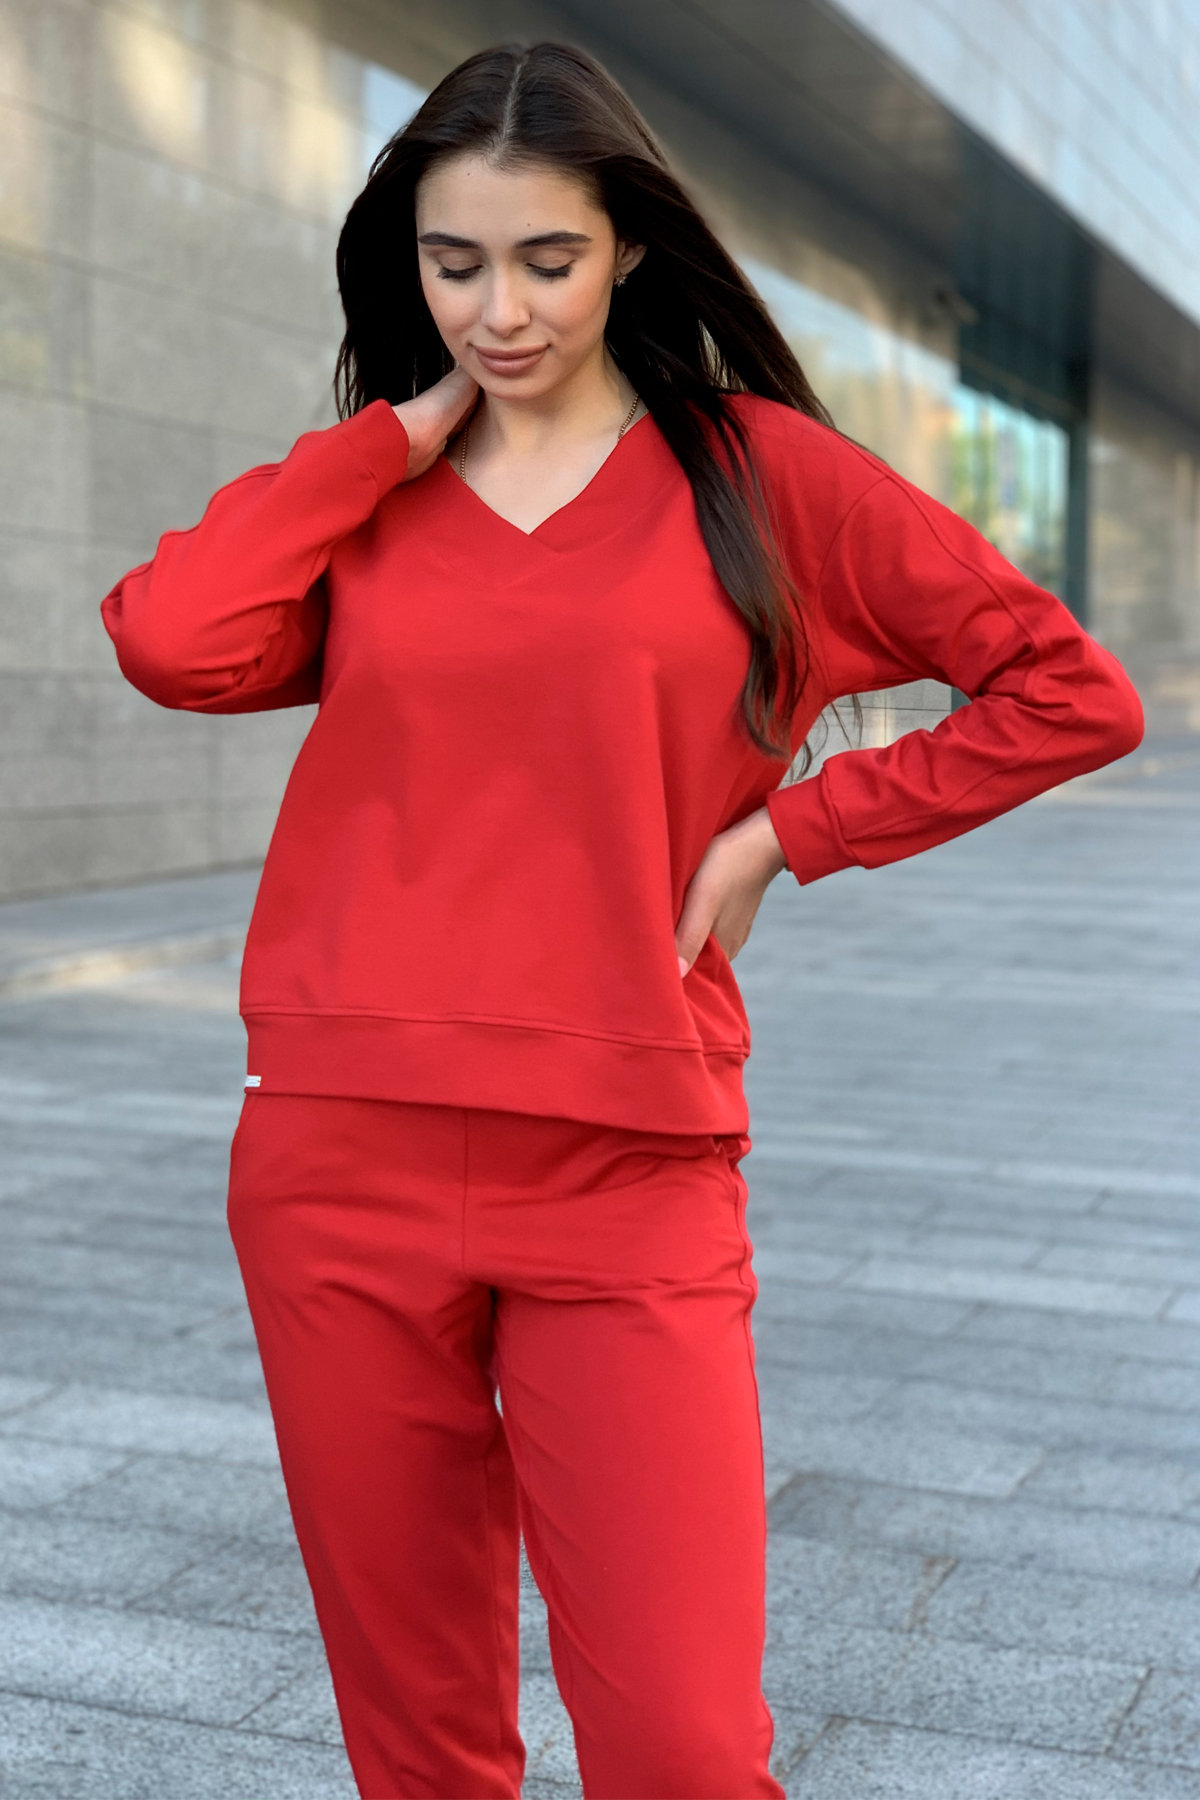 Костюм Стай 9342 АРТ. 45693 Цвет: Красный - фото 3, интернет магазин tm-modus.ru